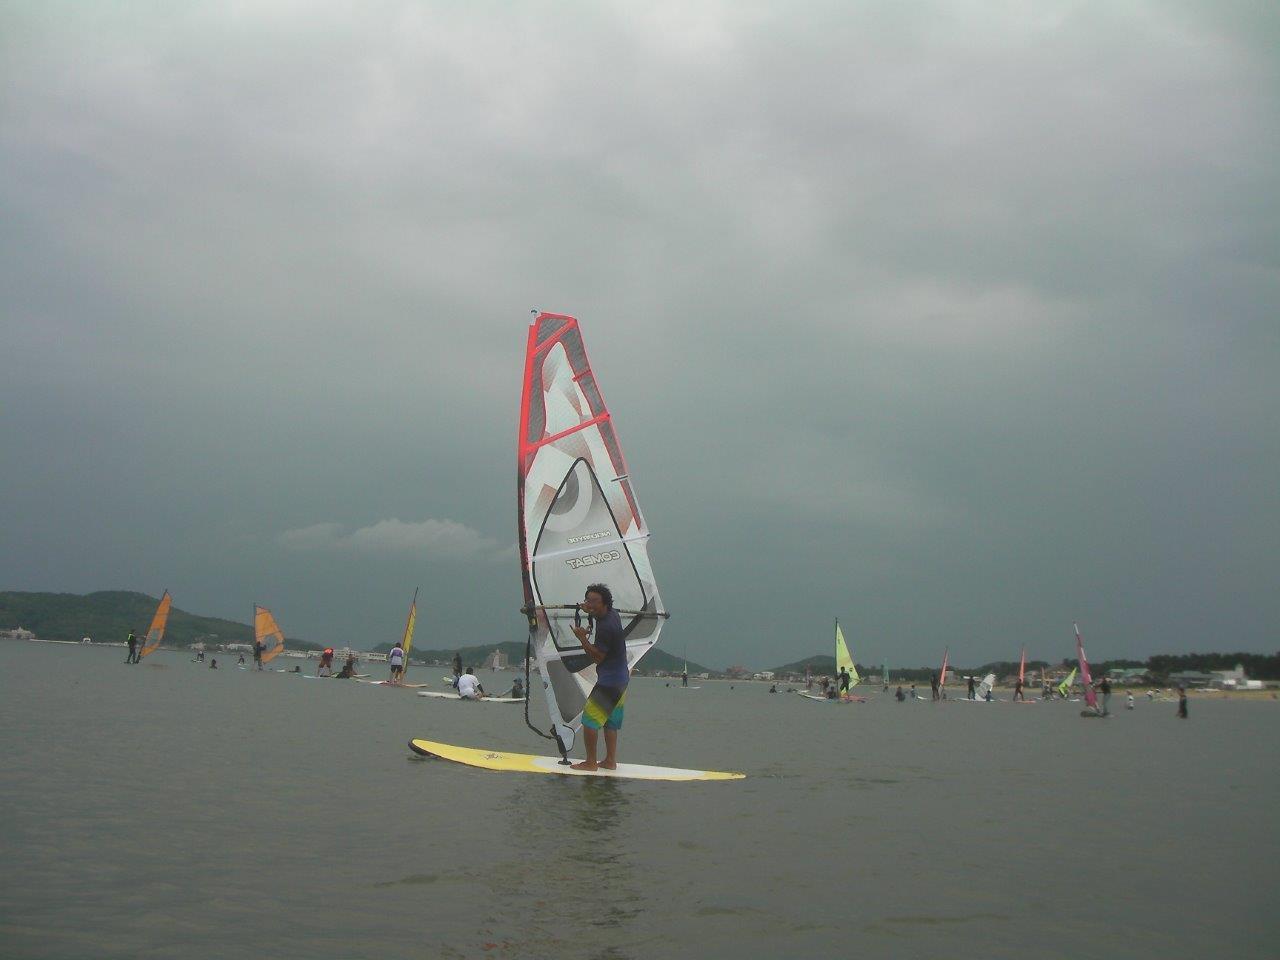 ウインドサーフィン スクール風景